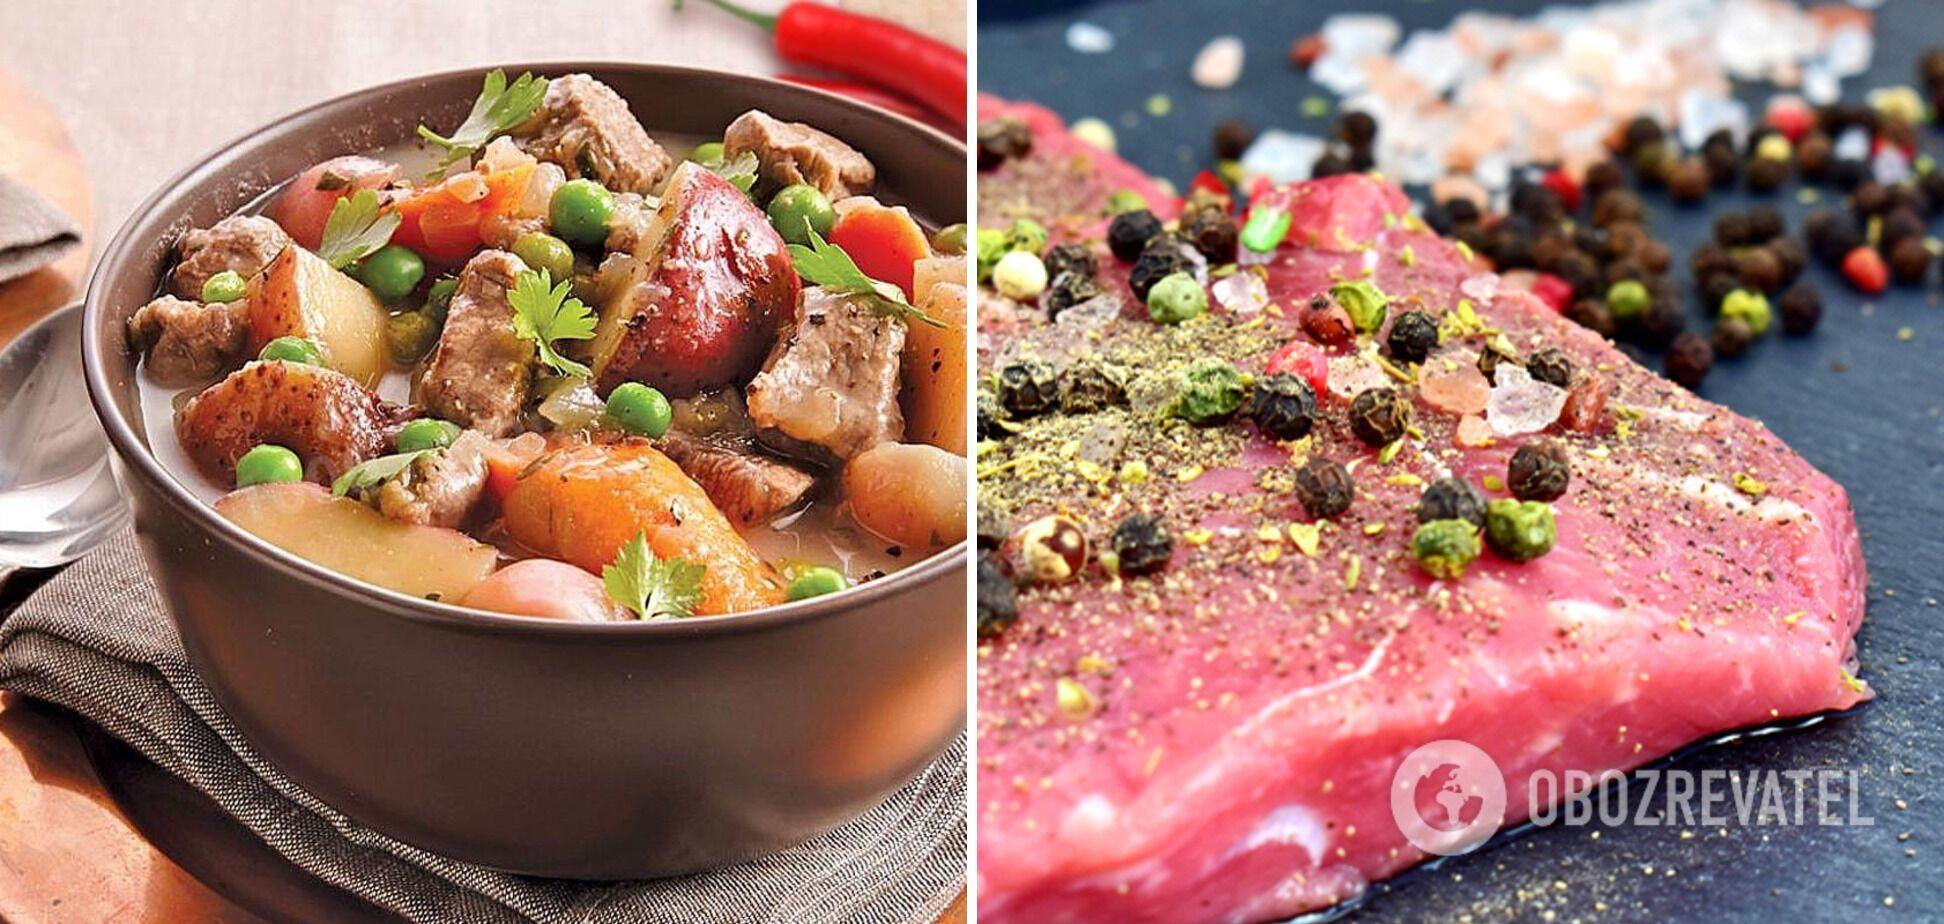 Сытная картофель с мясом